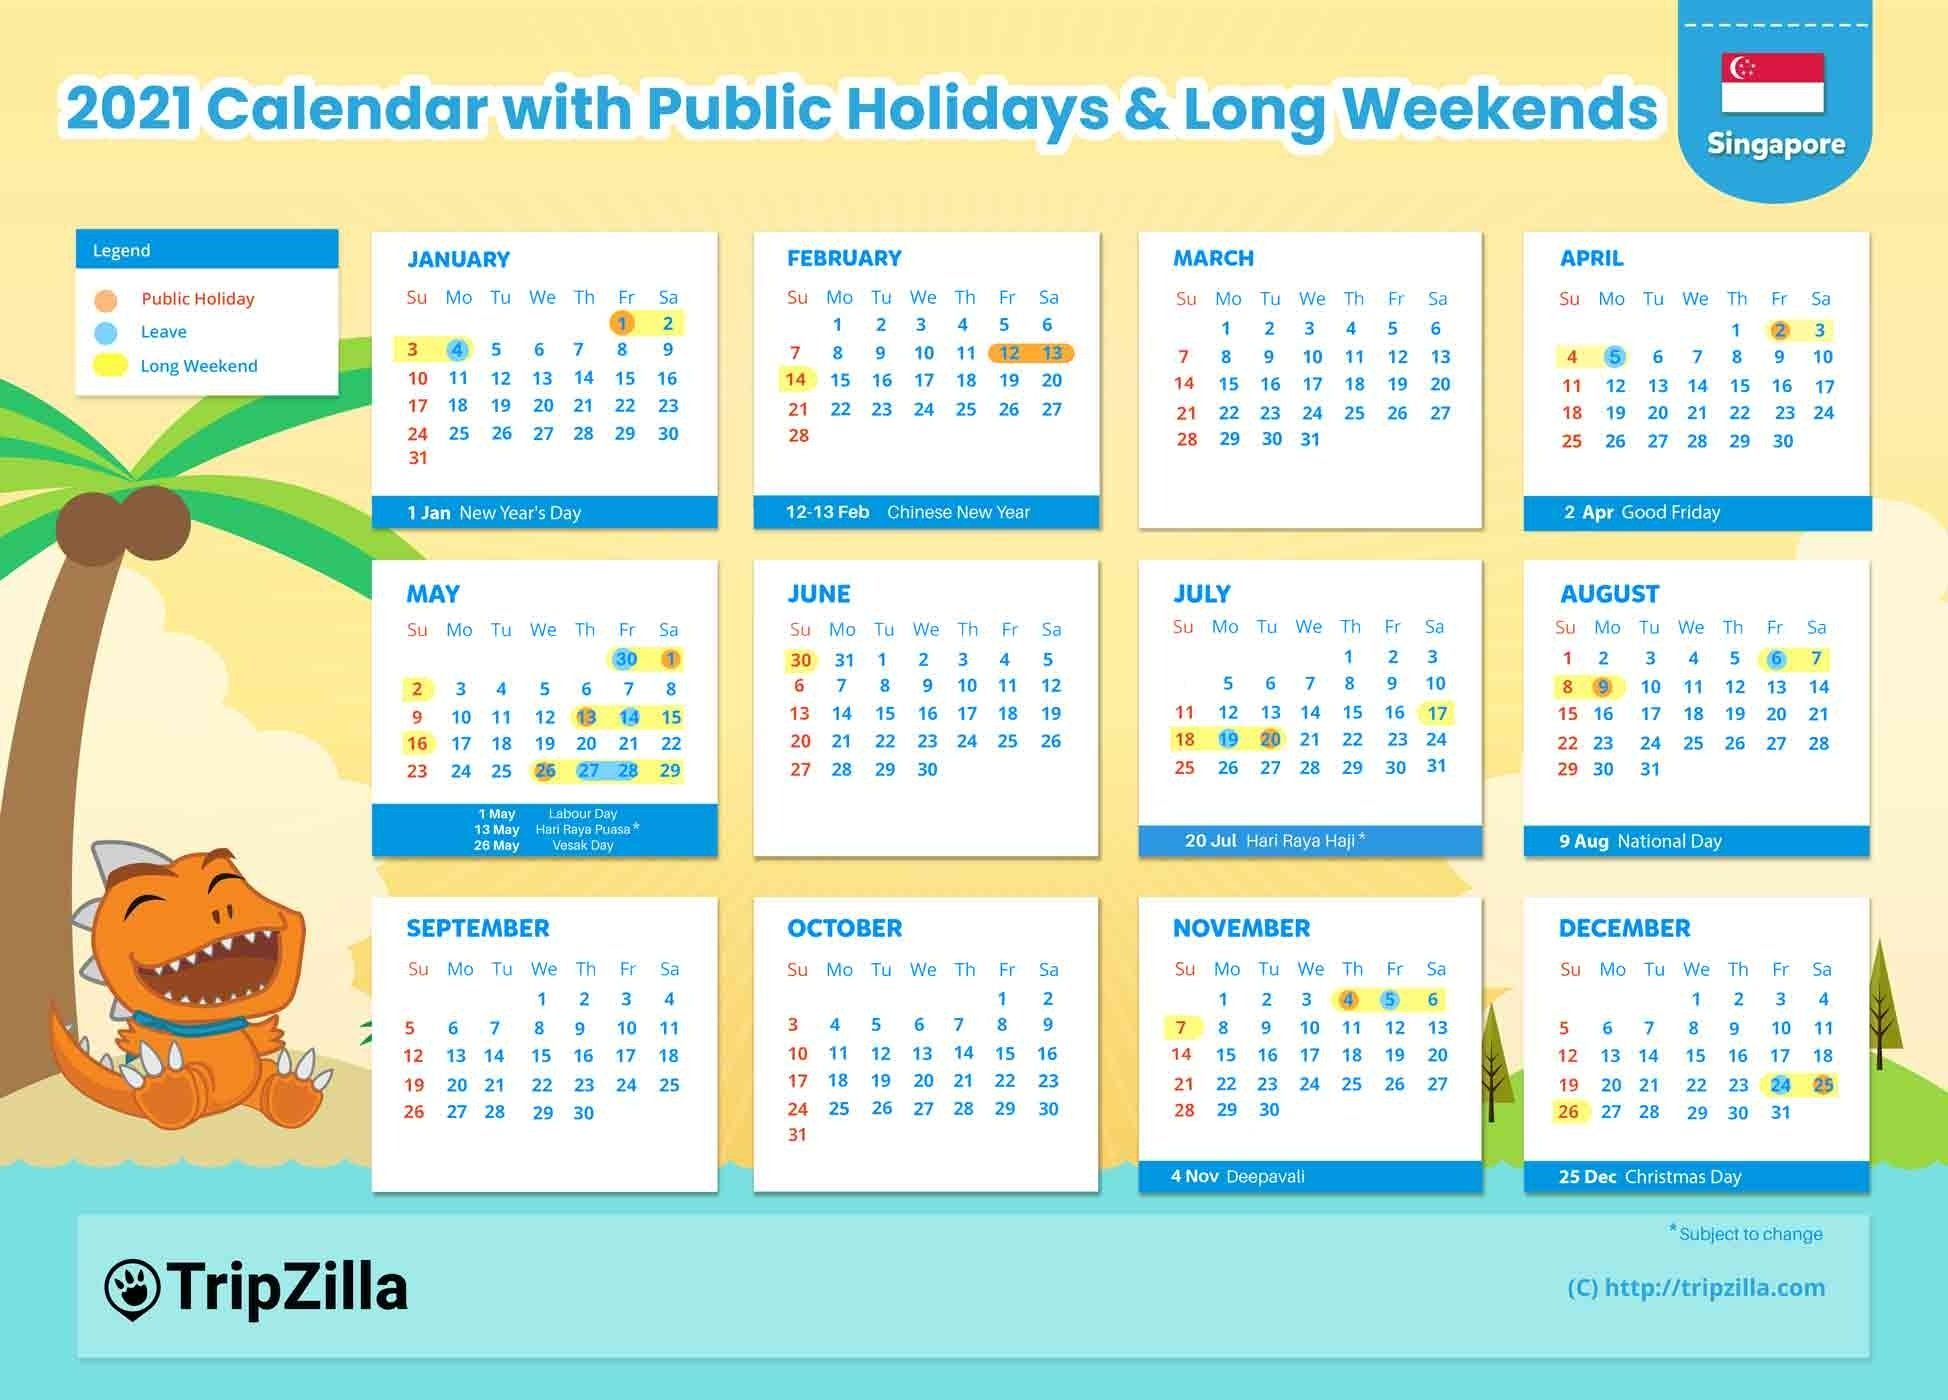 10 Long Weekends In Singapore In 2021 Bonus Calendar Cheatsheet In 2020 Long Weekend Calendar Holiday Calendar